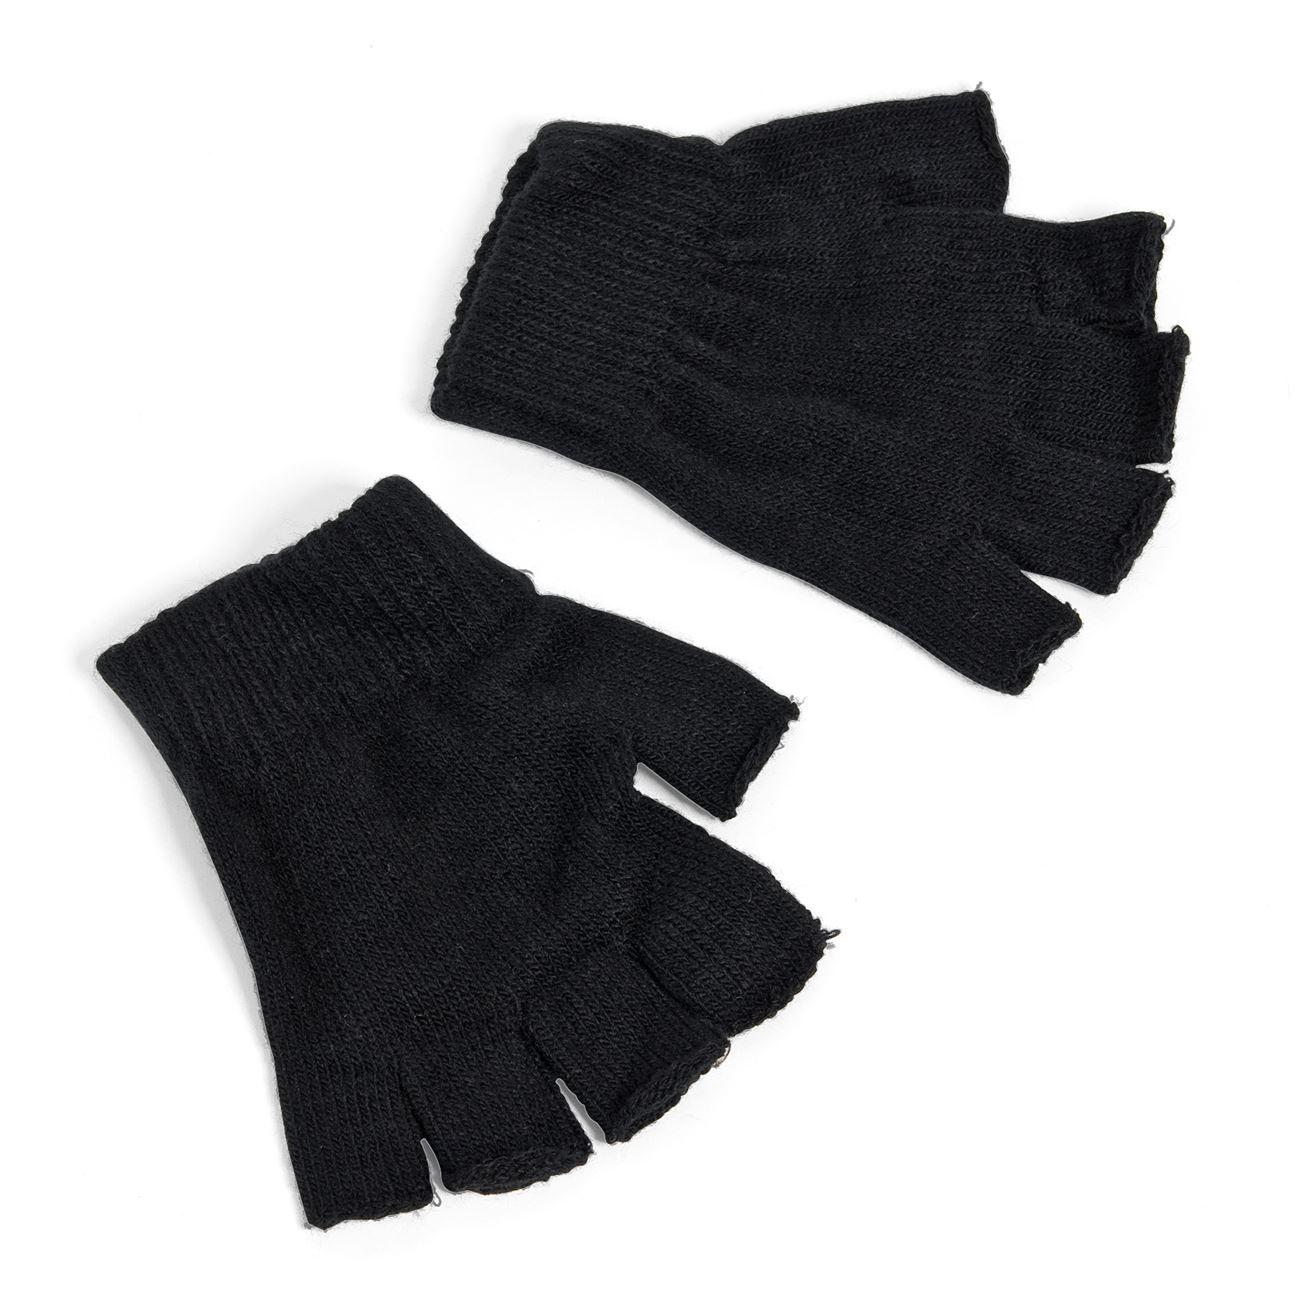 Γάντια Μαύρα Κοφτά   Γάντια Γυναικεία Κοφτά  92b601de6da